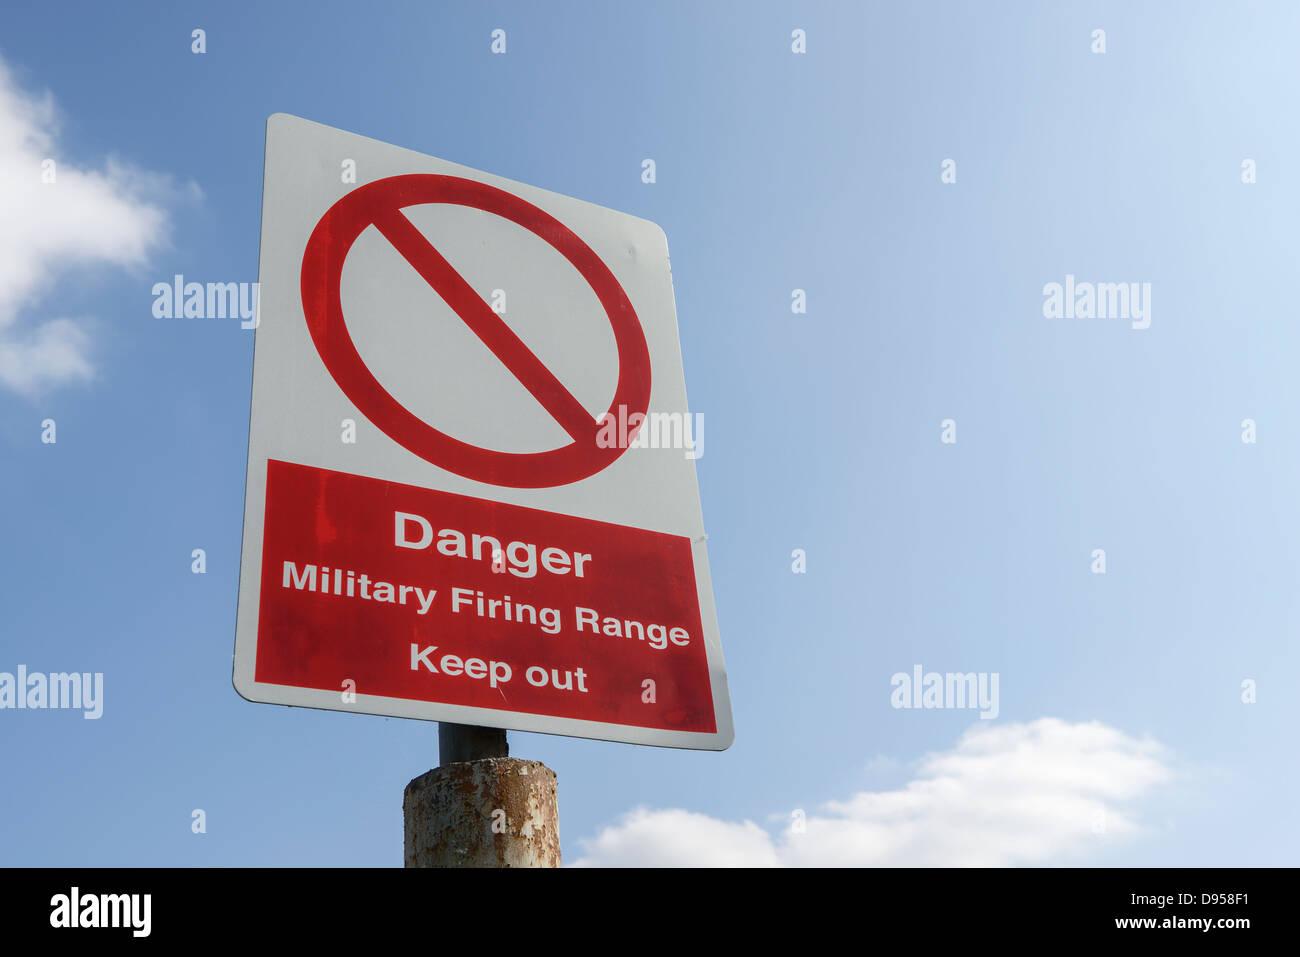 Military Firing Range warning sign - Stock Image